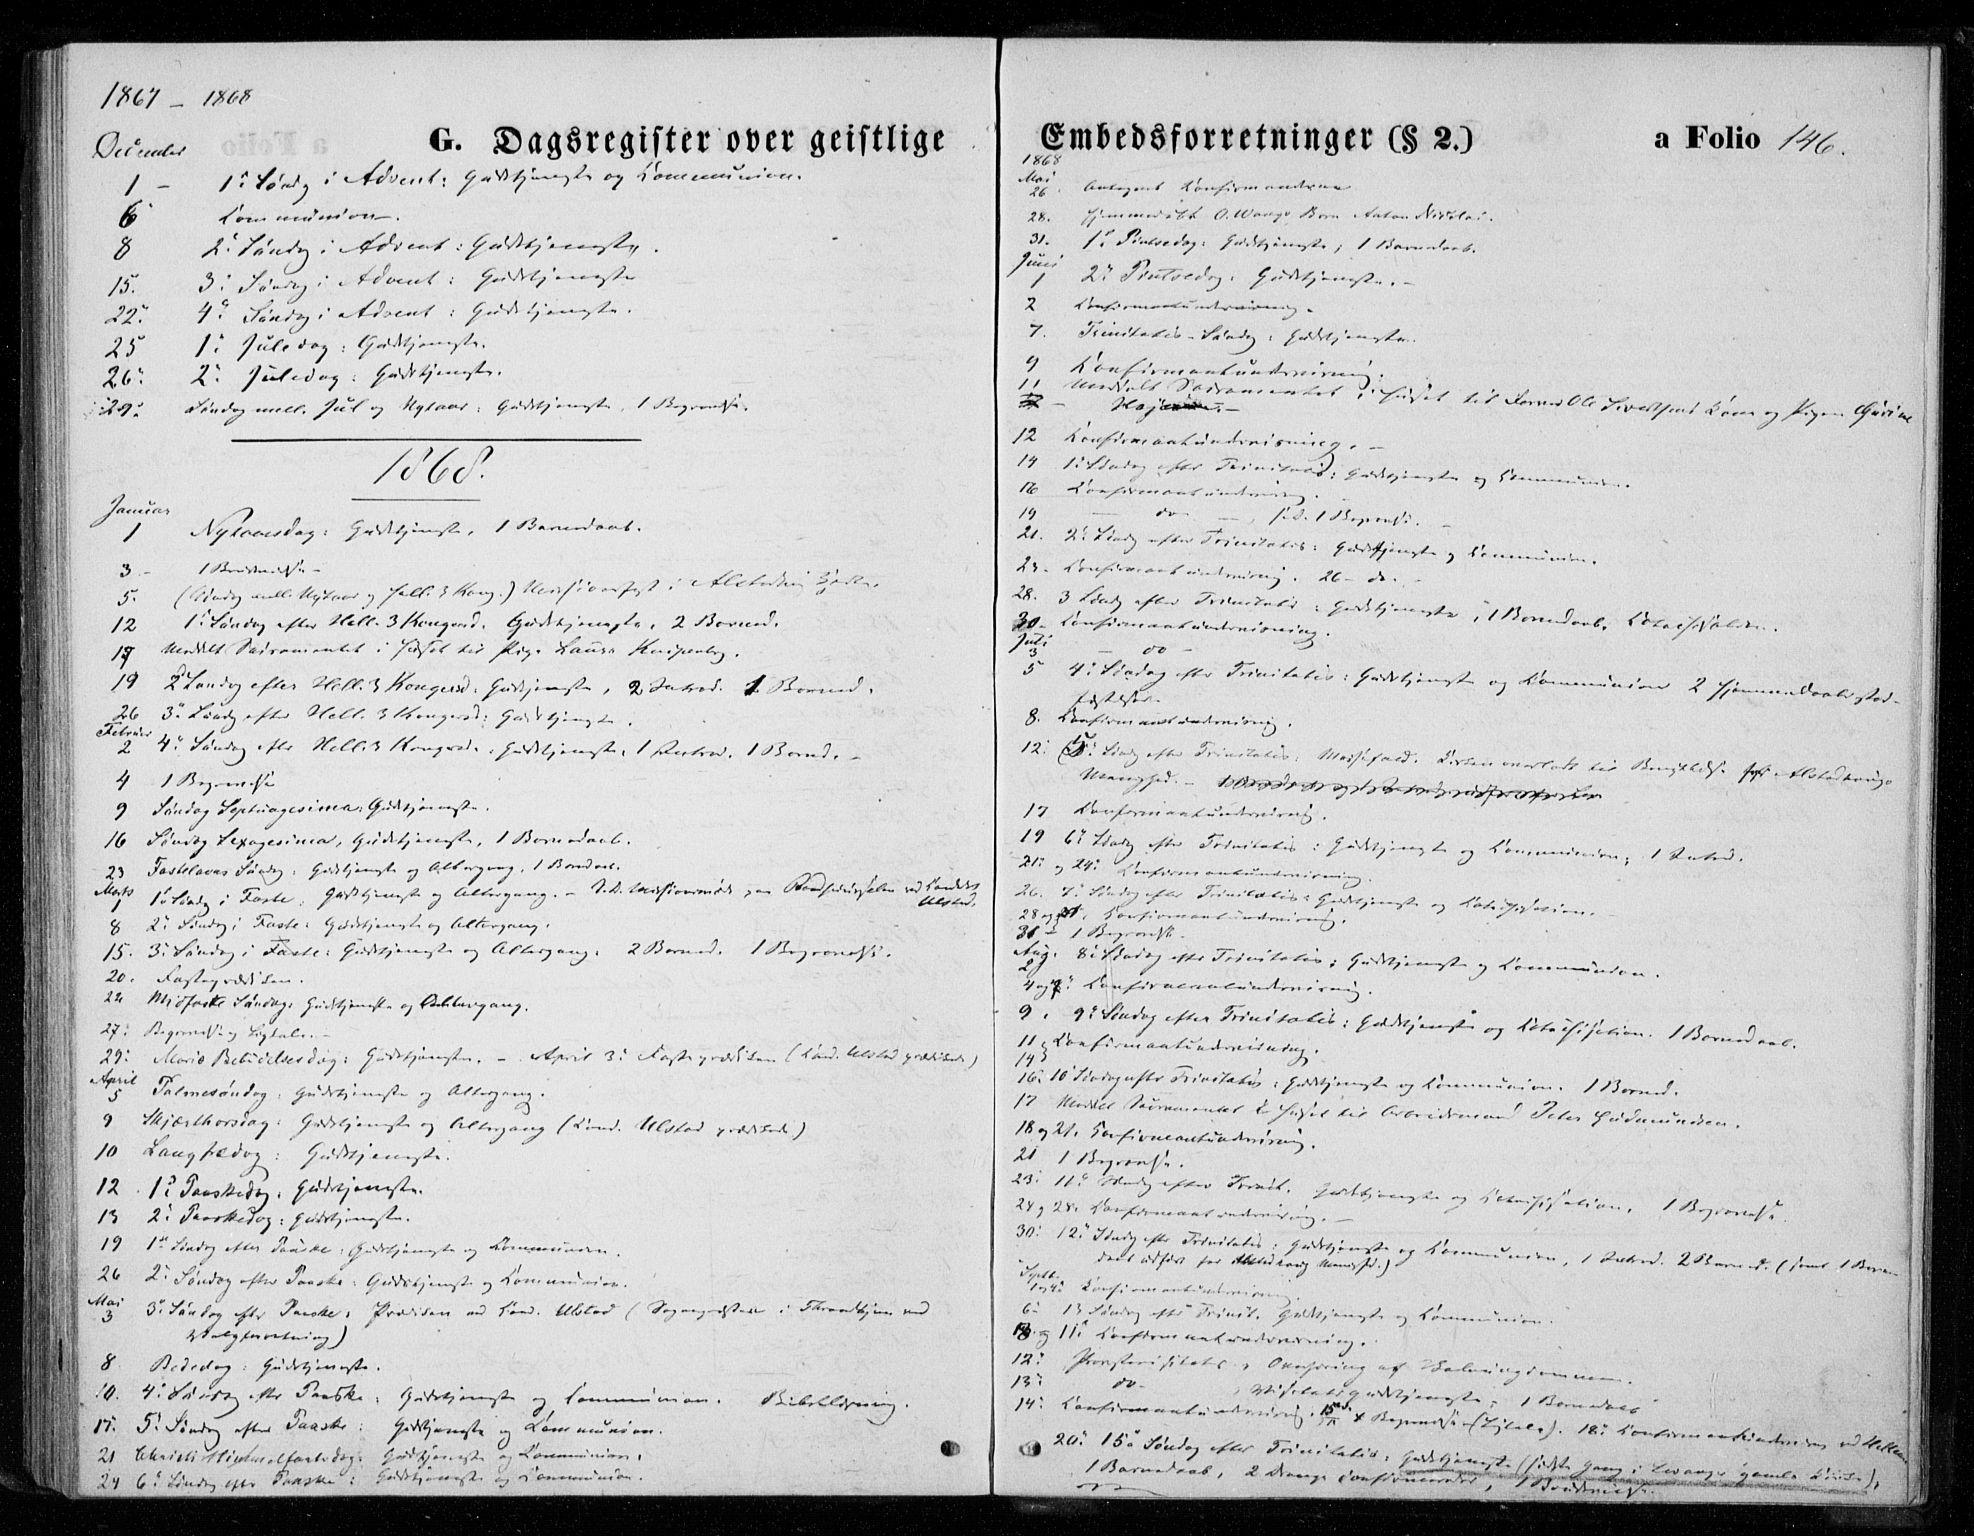 SAT, Ministerialprotokoller, klokkerbøker og fødselsregistre - Nord-Trøndelag, 720/L0186: Ministerialbok nr. 720A03, 1864-1874, s. 146